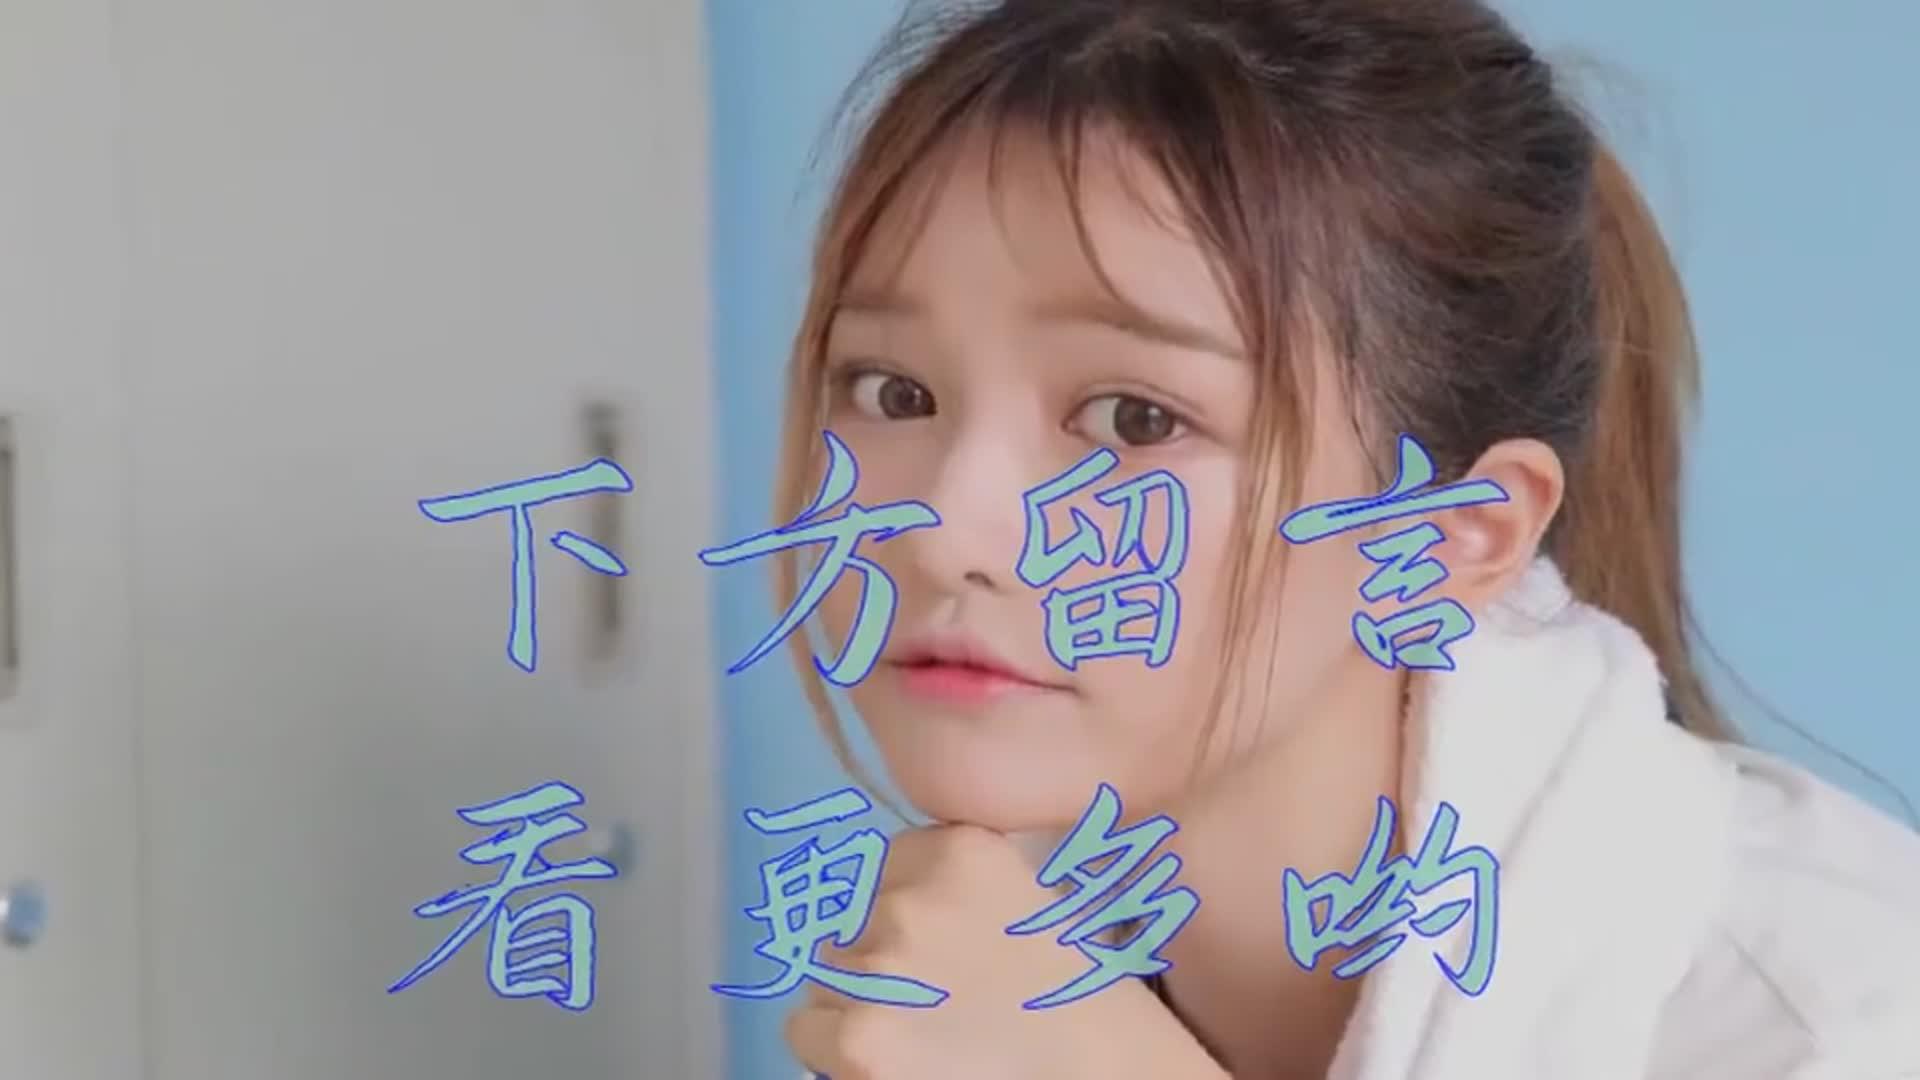 钟婷的闺蜜是小棉袄和小宝贝, 那钟婷是啥呢